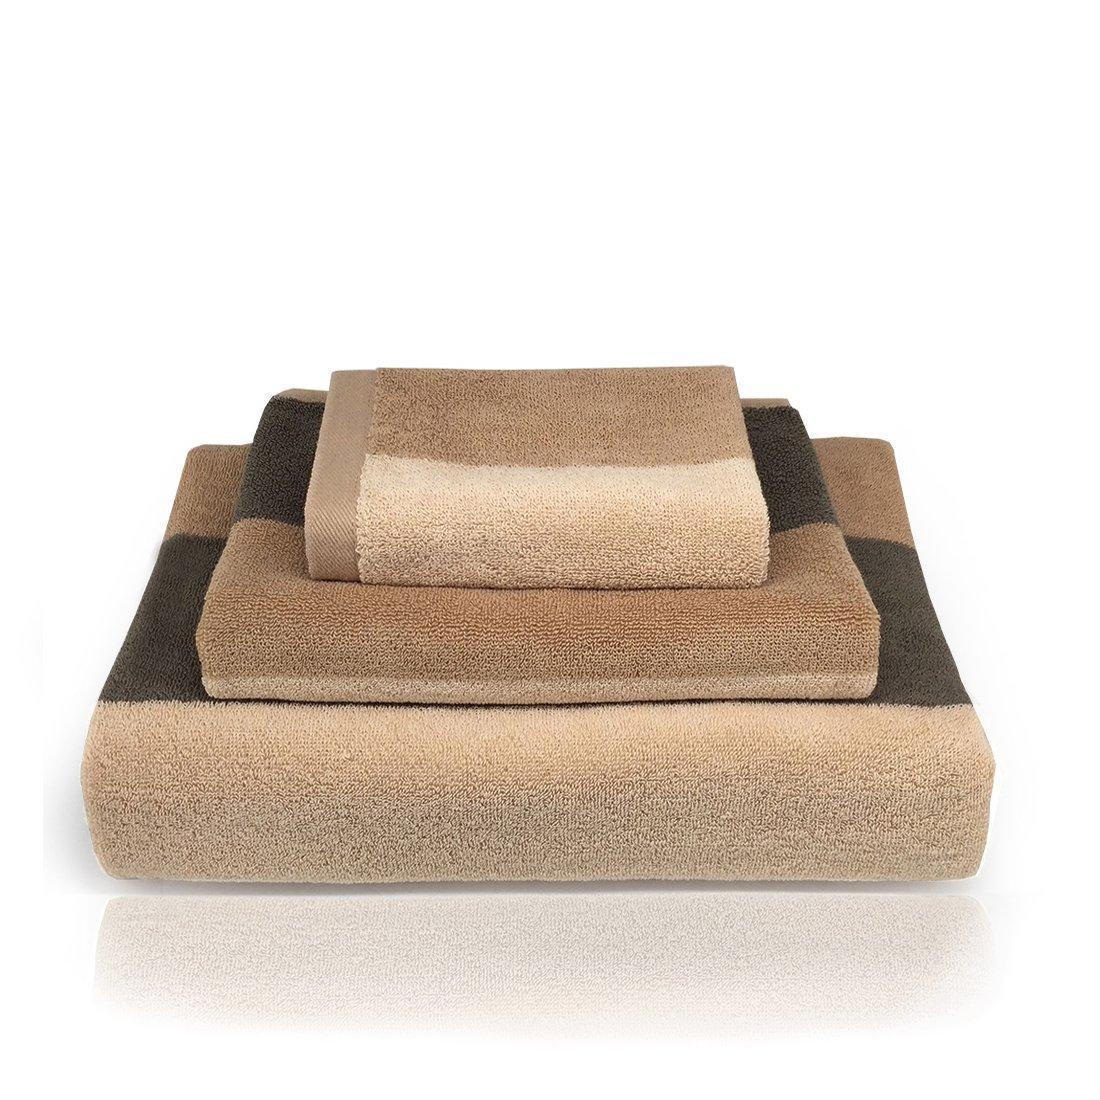 Ynester 3pezzi Set asciugamani in cotone 100%, naturale Eco Luxury Stripe super soft pettinato di alta qualità, asciugamani assorbente asciugamano, telo da bagno e asciugamano da bagno per hotel spa bagno, 100% Cotone, Brown, 13x13 / 13x30 / 28x54 M001UK